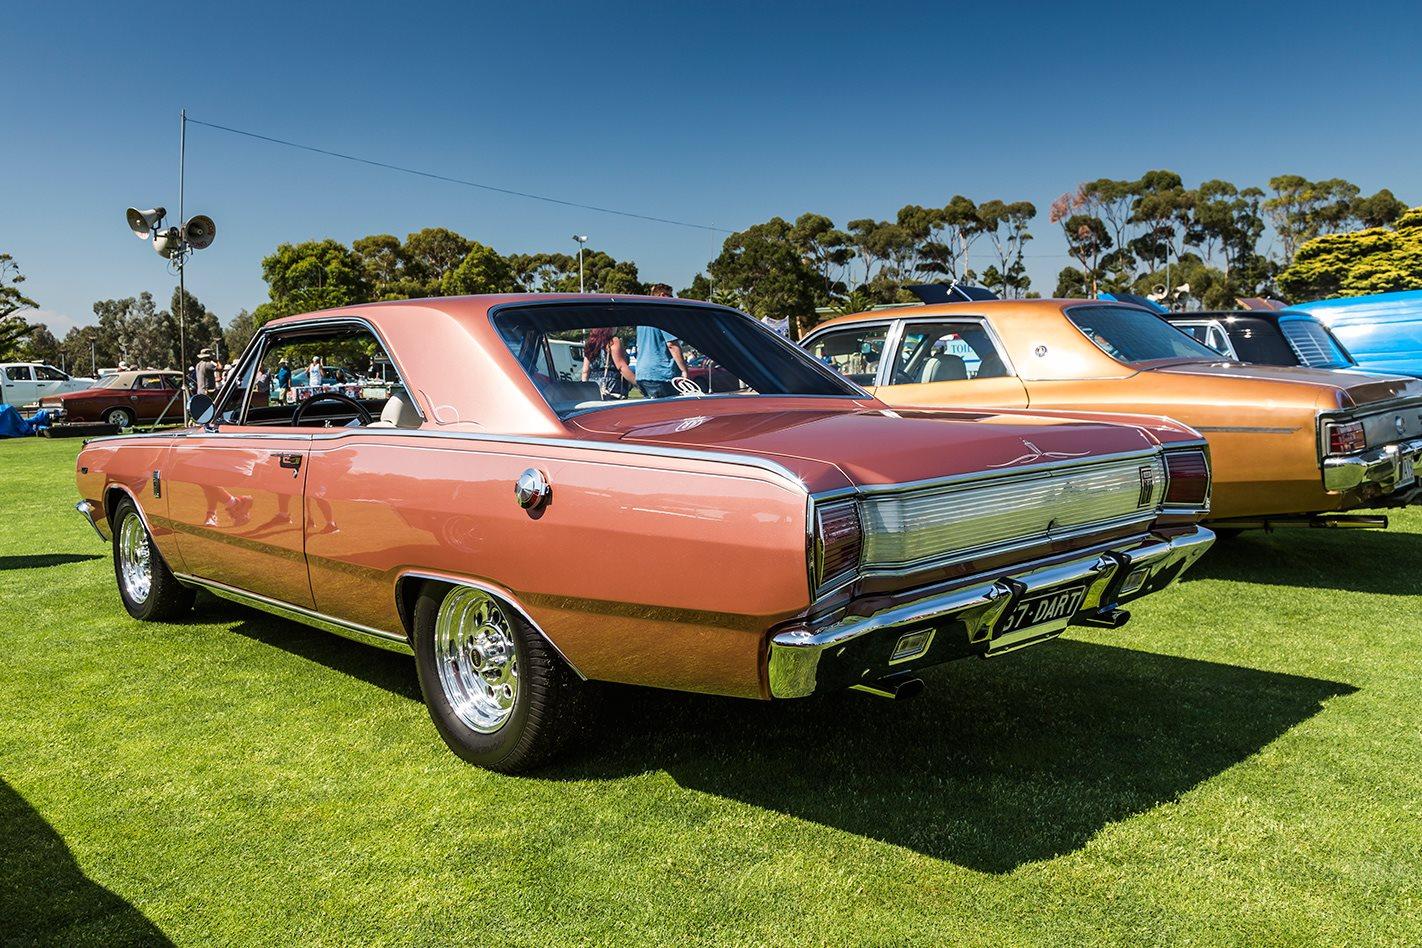 Dodge Dart rear